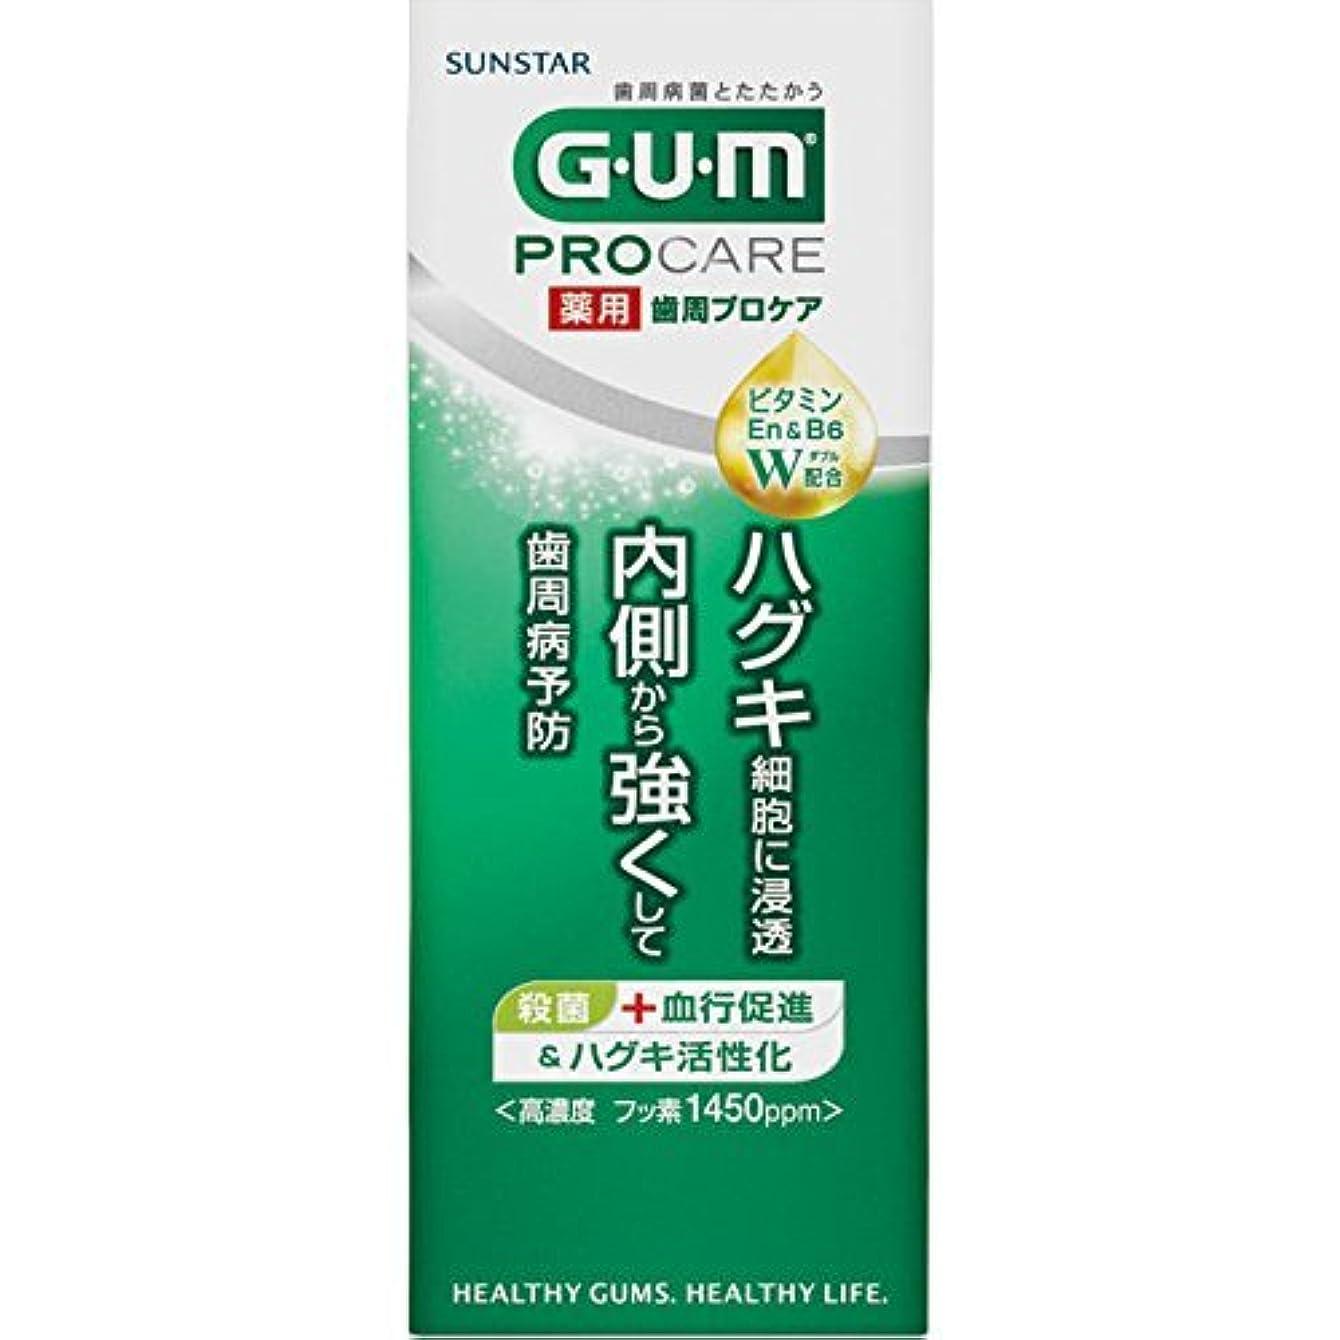 スラダムラブ品[医薬部外品] GUM(ガム) 歯周プロケア 歯みがき 50g <歯周病予防 ハグキケア 高濃度フッ素配合1,450ppm>